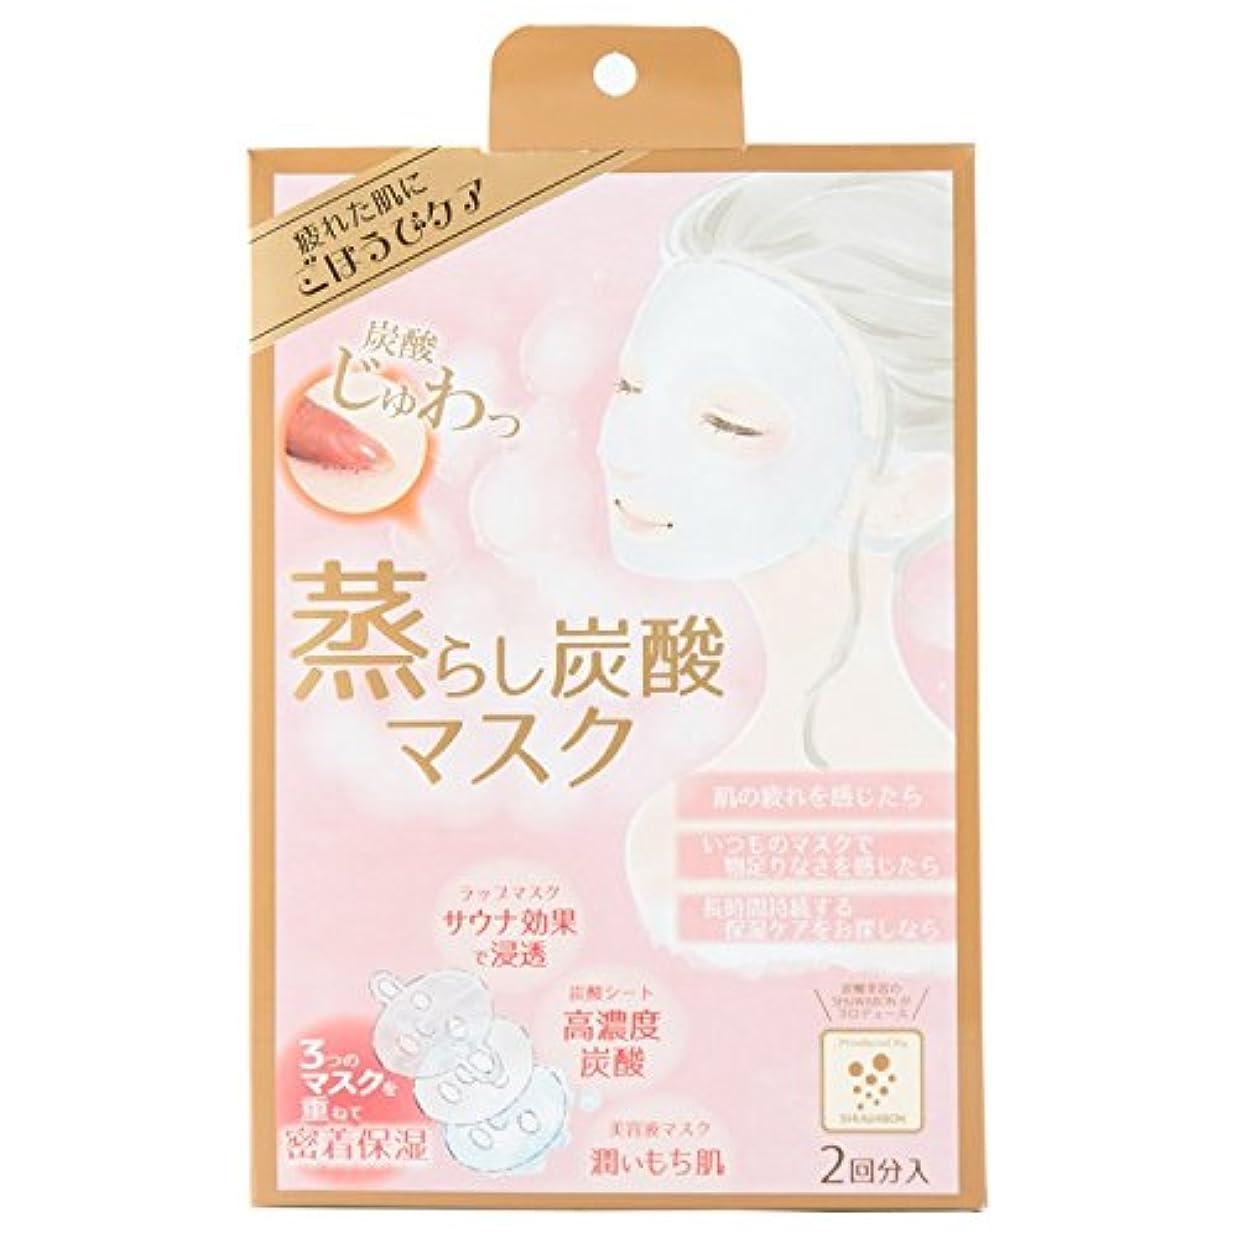 逸話会社ちっちゃいシュワボン (SHUWABON) ディープ炭酸蒸らしマスク (2回分)